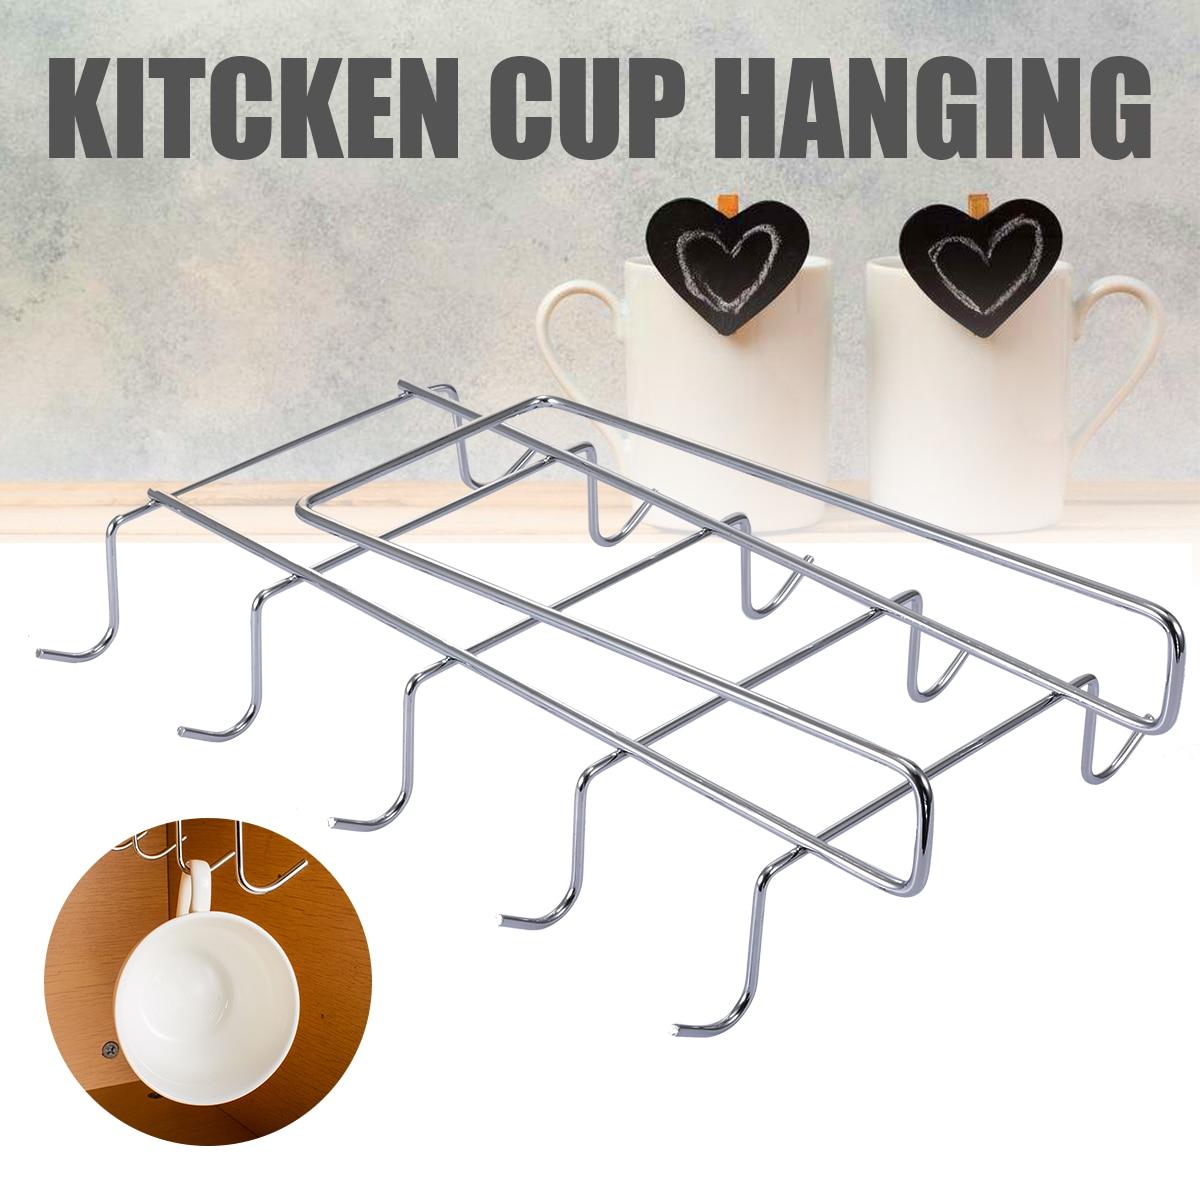 Cintre de tasses à vin en acier inoxydable   10 crochets, support de suspension de tasses, support de cuisine, organisateur de rangement de Bar Anti-rouille Durable